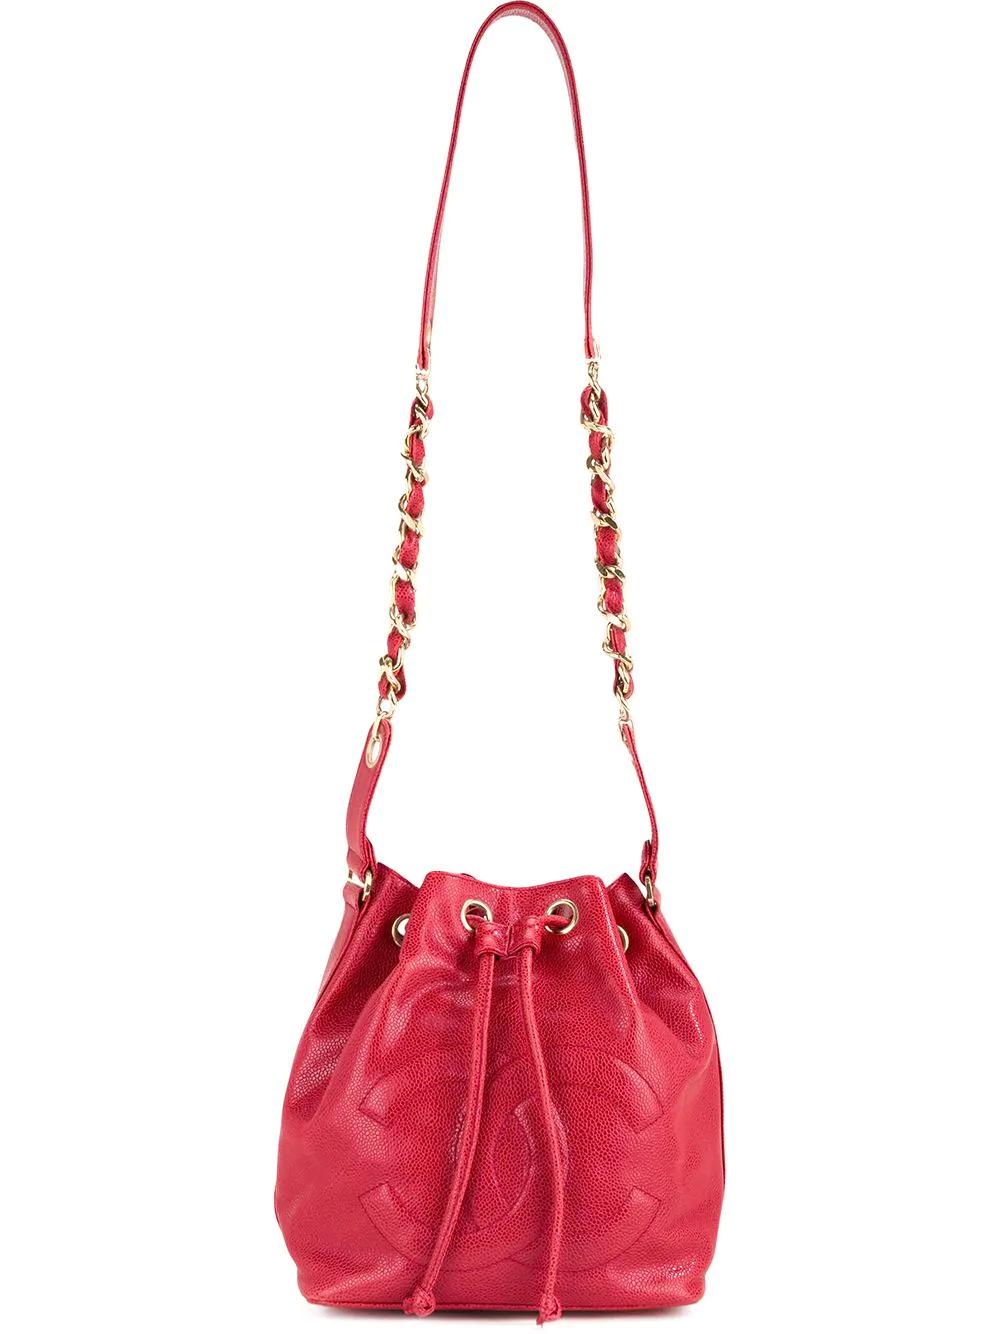 5badbbc9bb497d CHANEL. Chanel Vintage Cc Drawstring Chain Bucket Bag - Farfetch ...